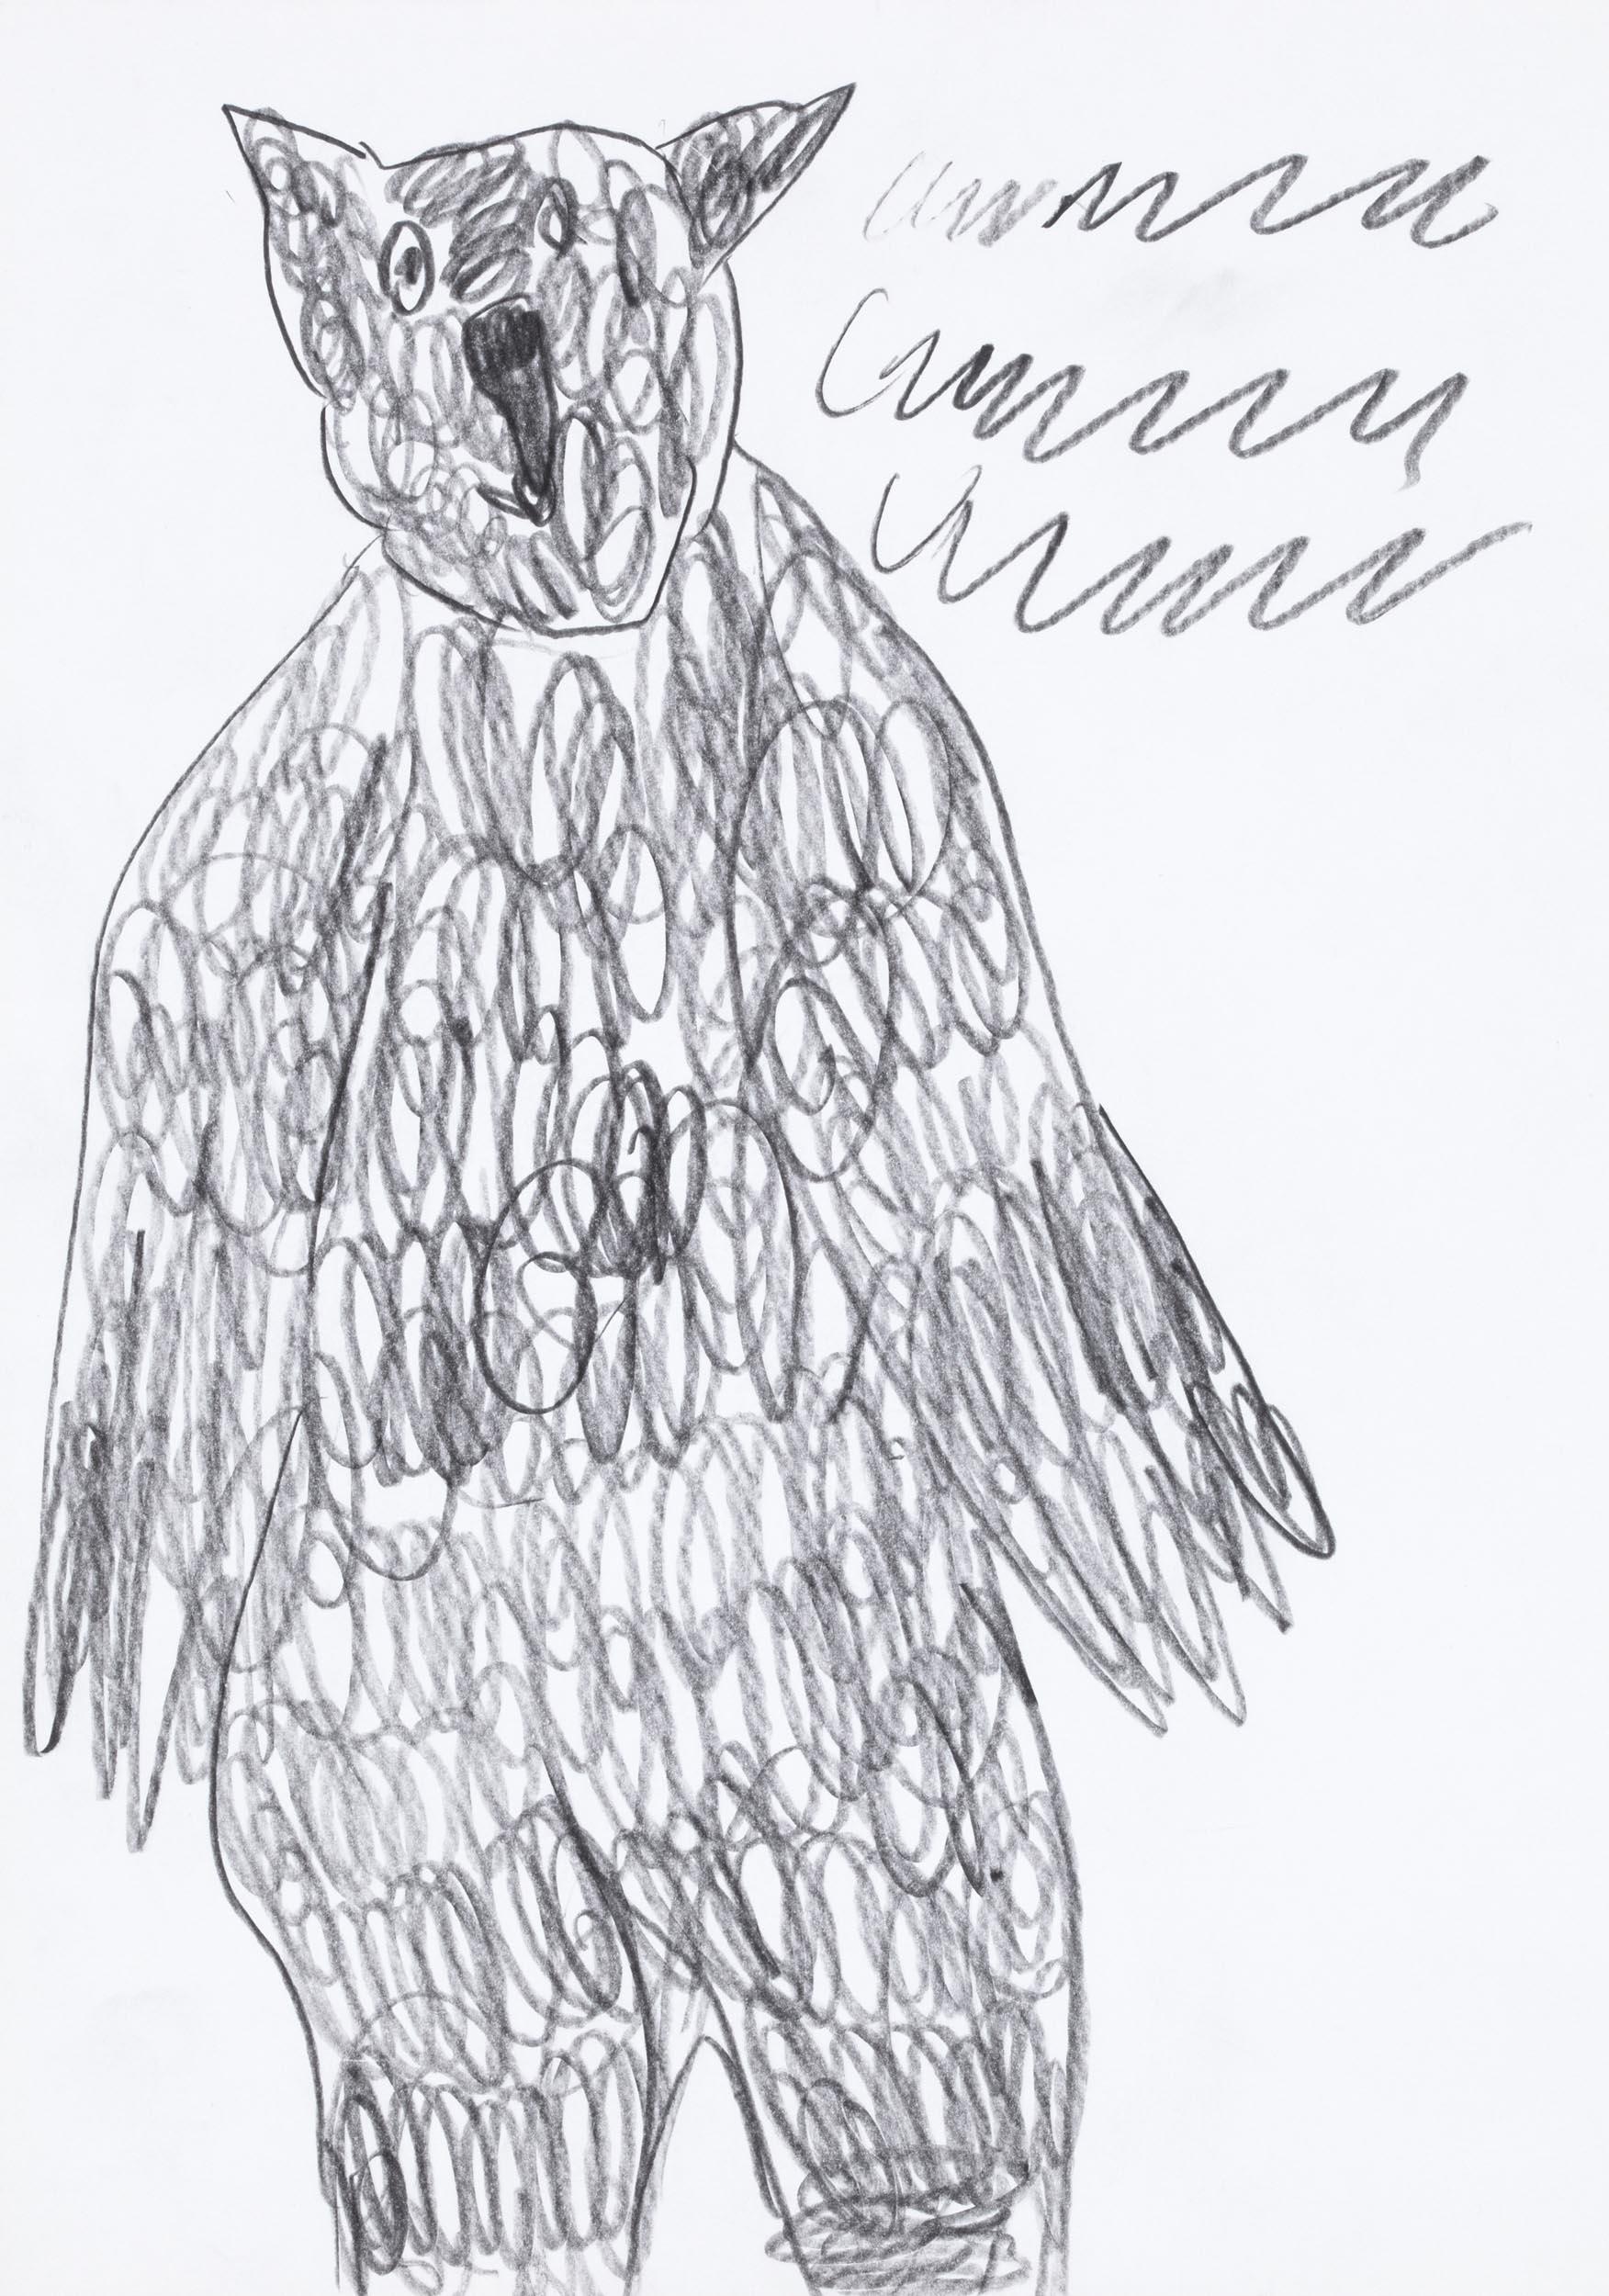 kamlander franz - eule / owl